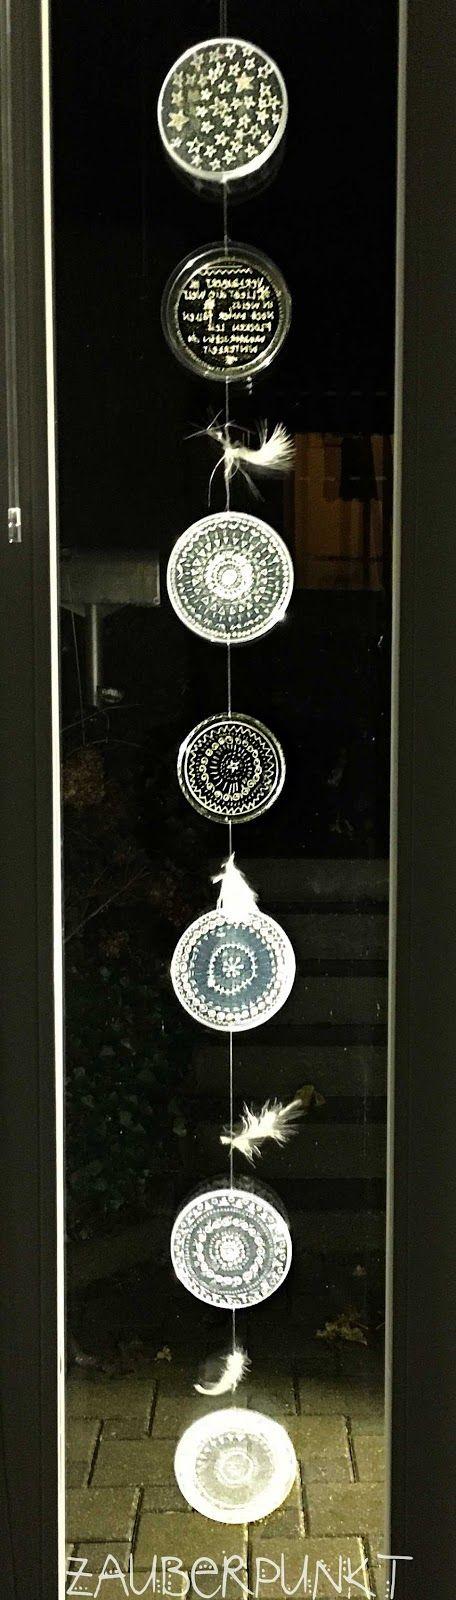 Winterliches Mobile aus Joghurtdeckeln. diy, selbst gemachte Fensterdeko, upcycling, musterliebe, eisig